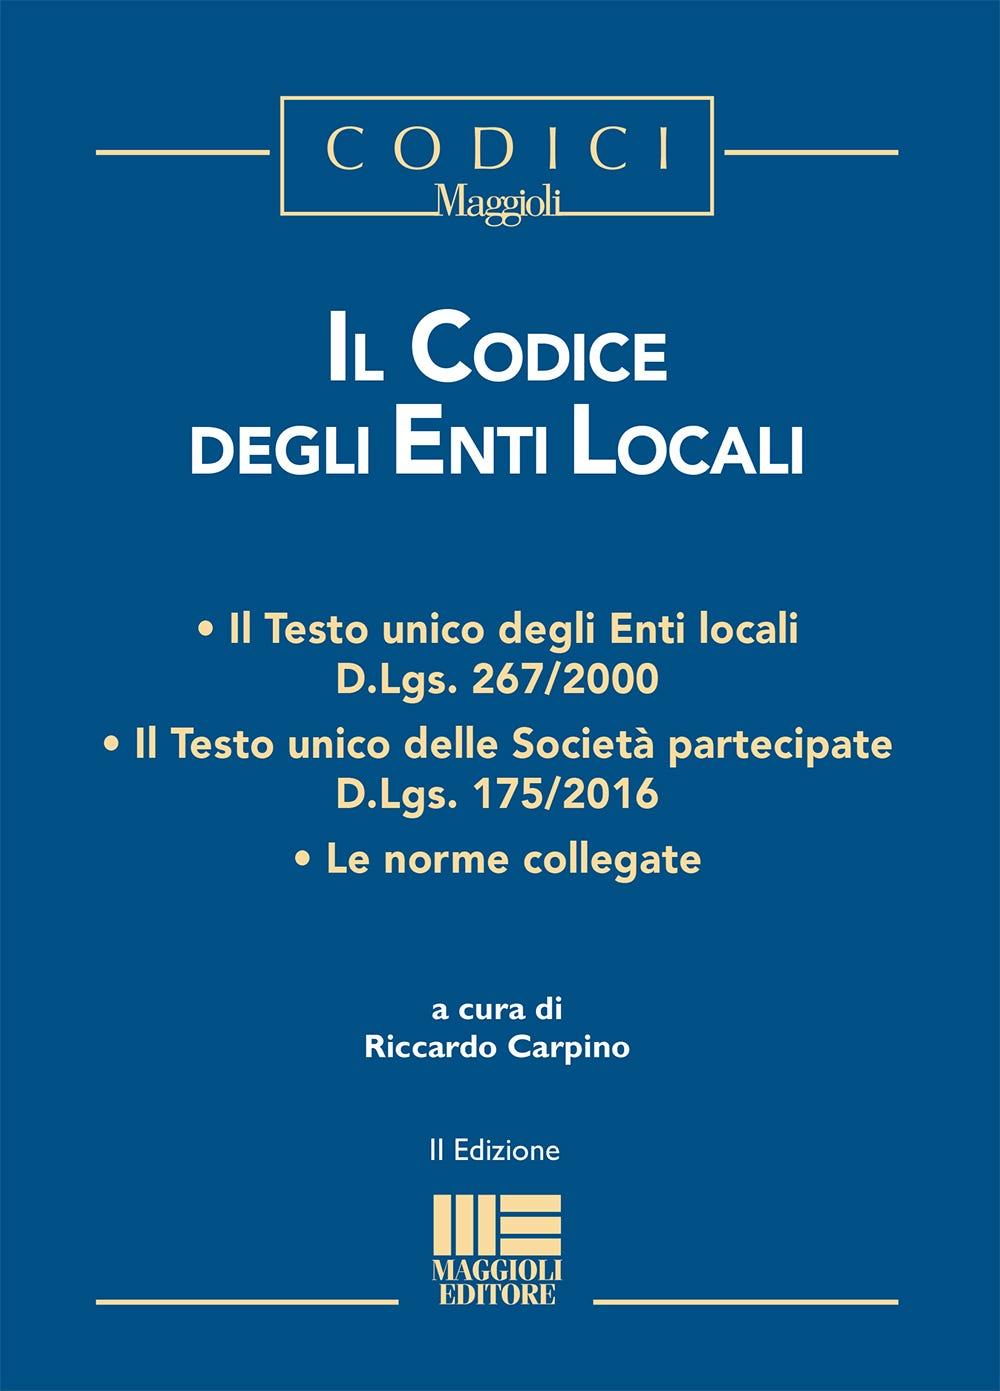 Il Codice Degli Enti Locali Maggioli Editore